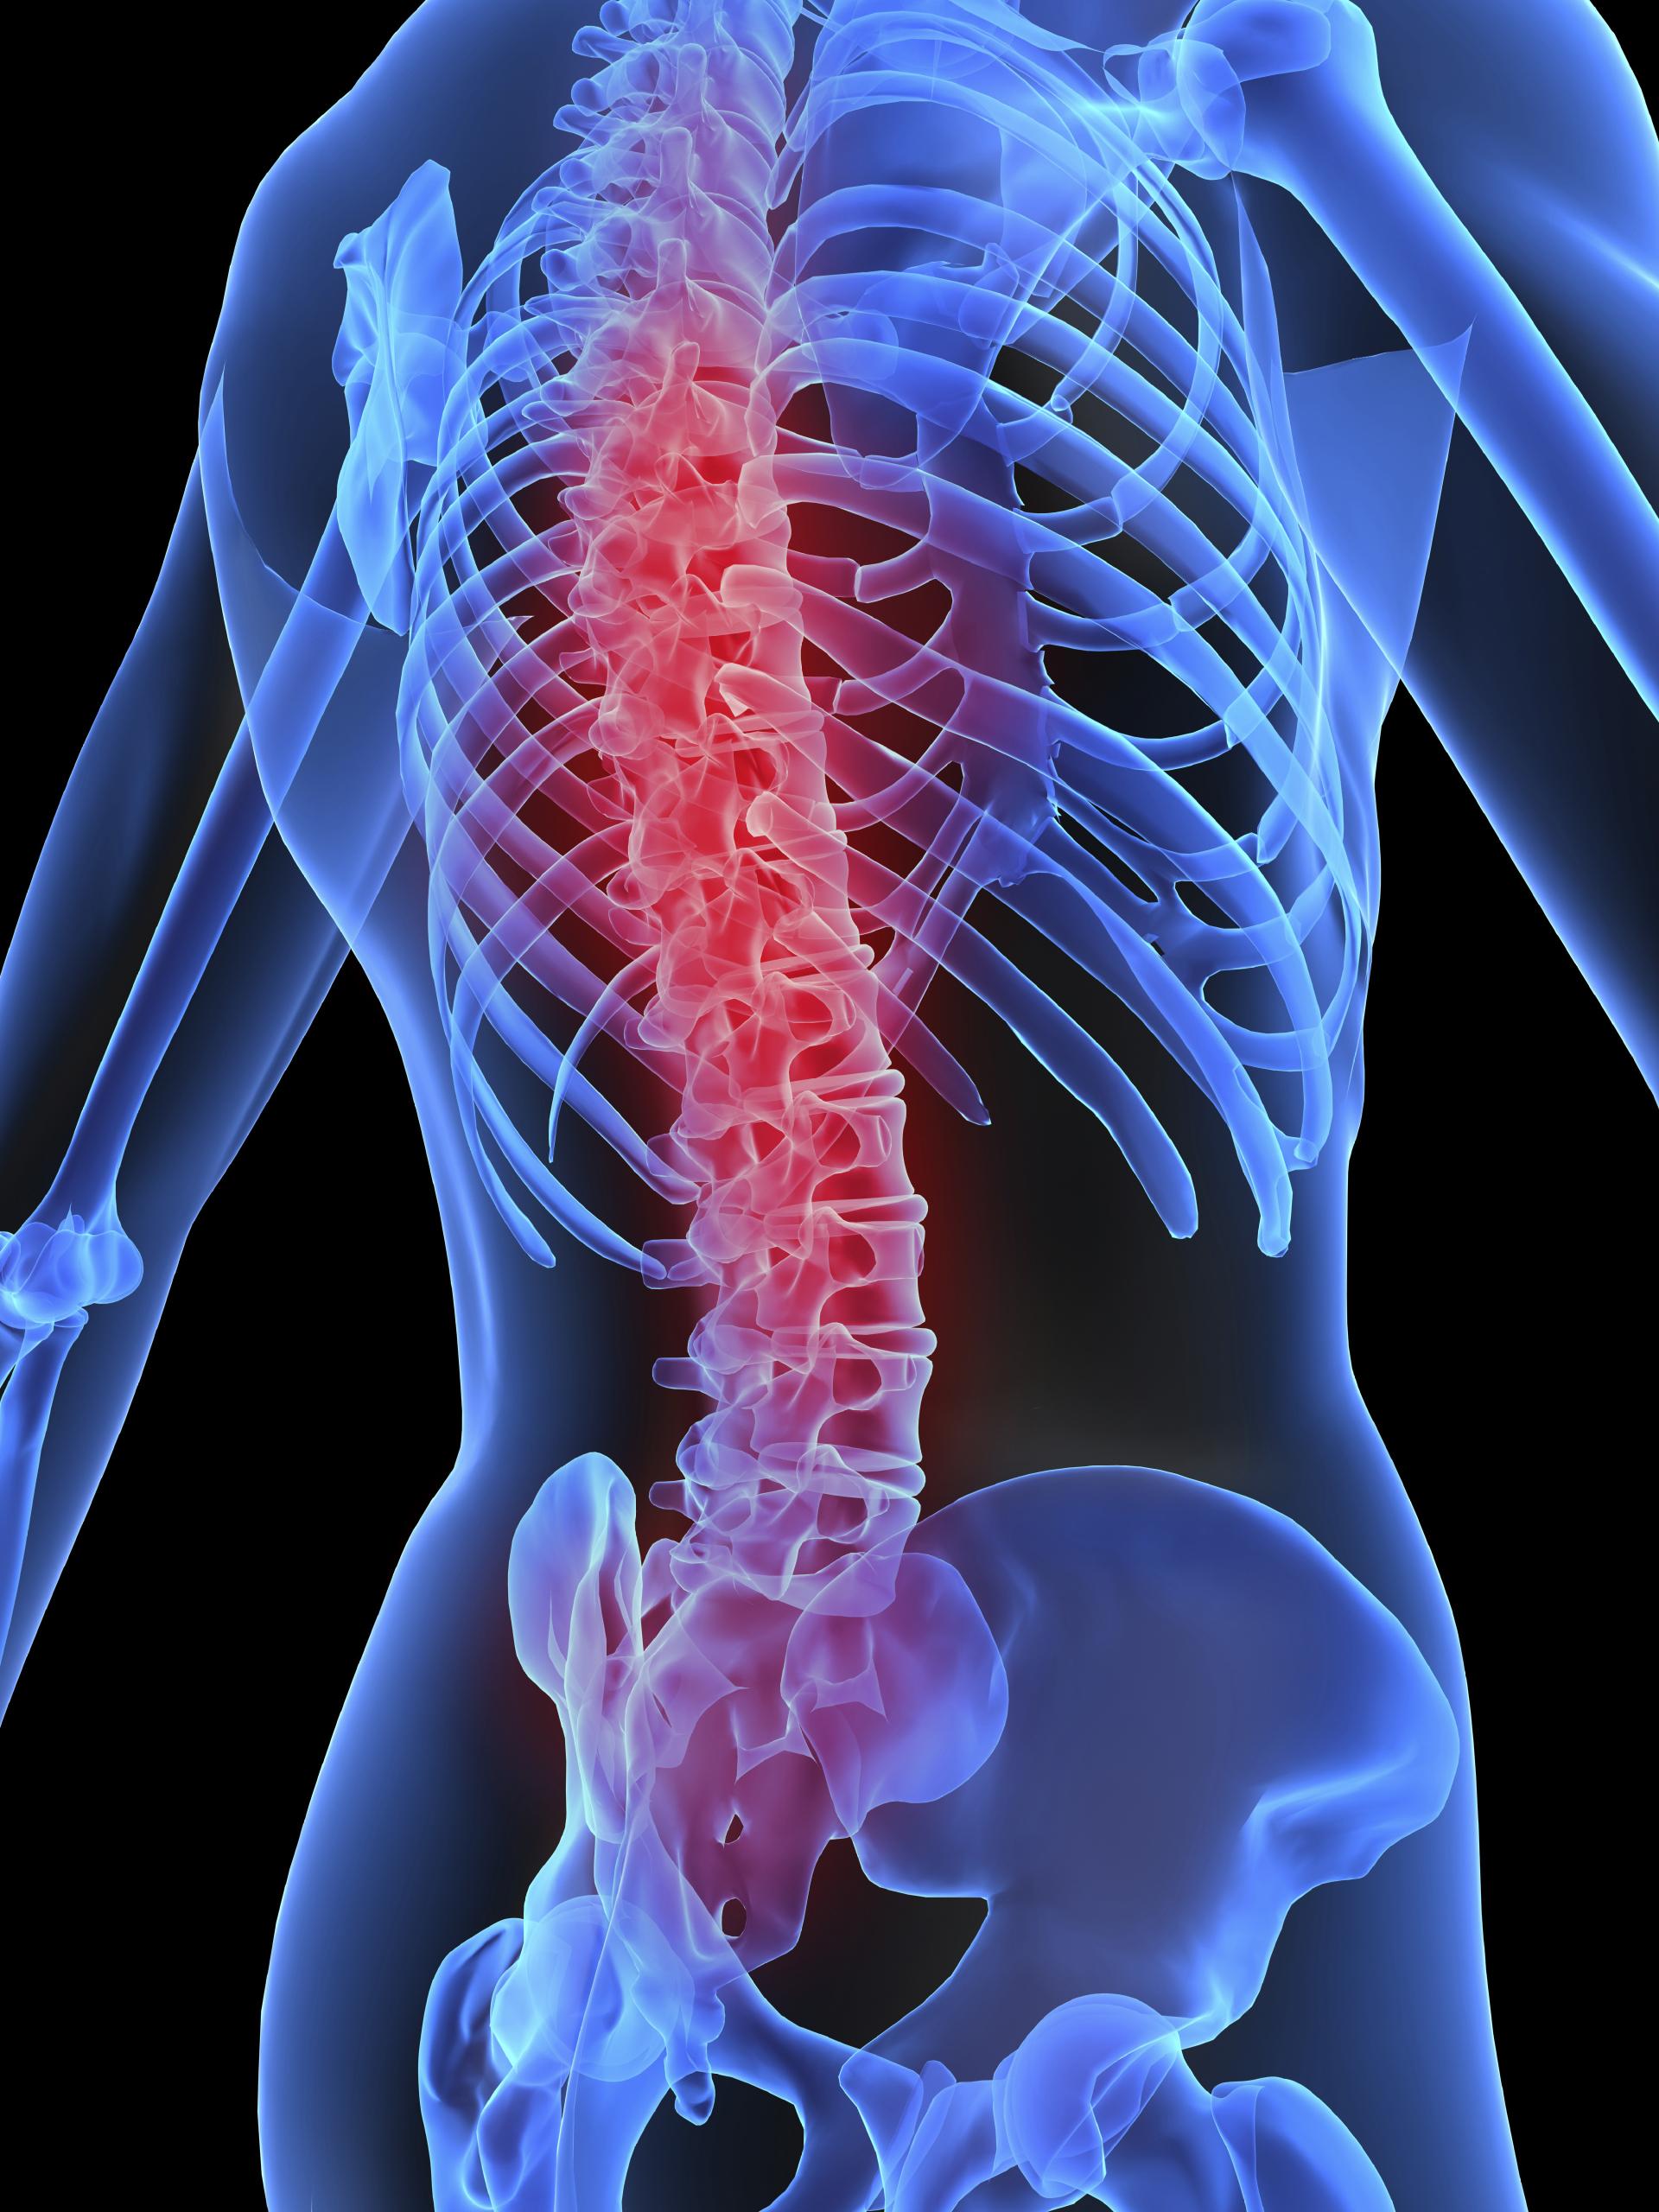 Fattore K. Cancro. Allo Ieo nuova procedura per riparare e curare le vertebre